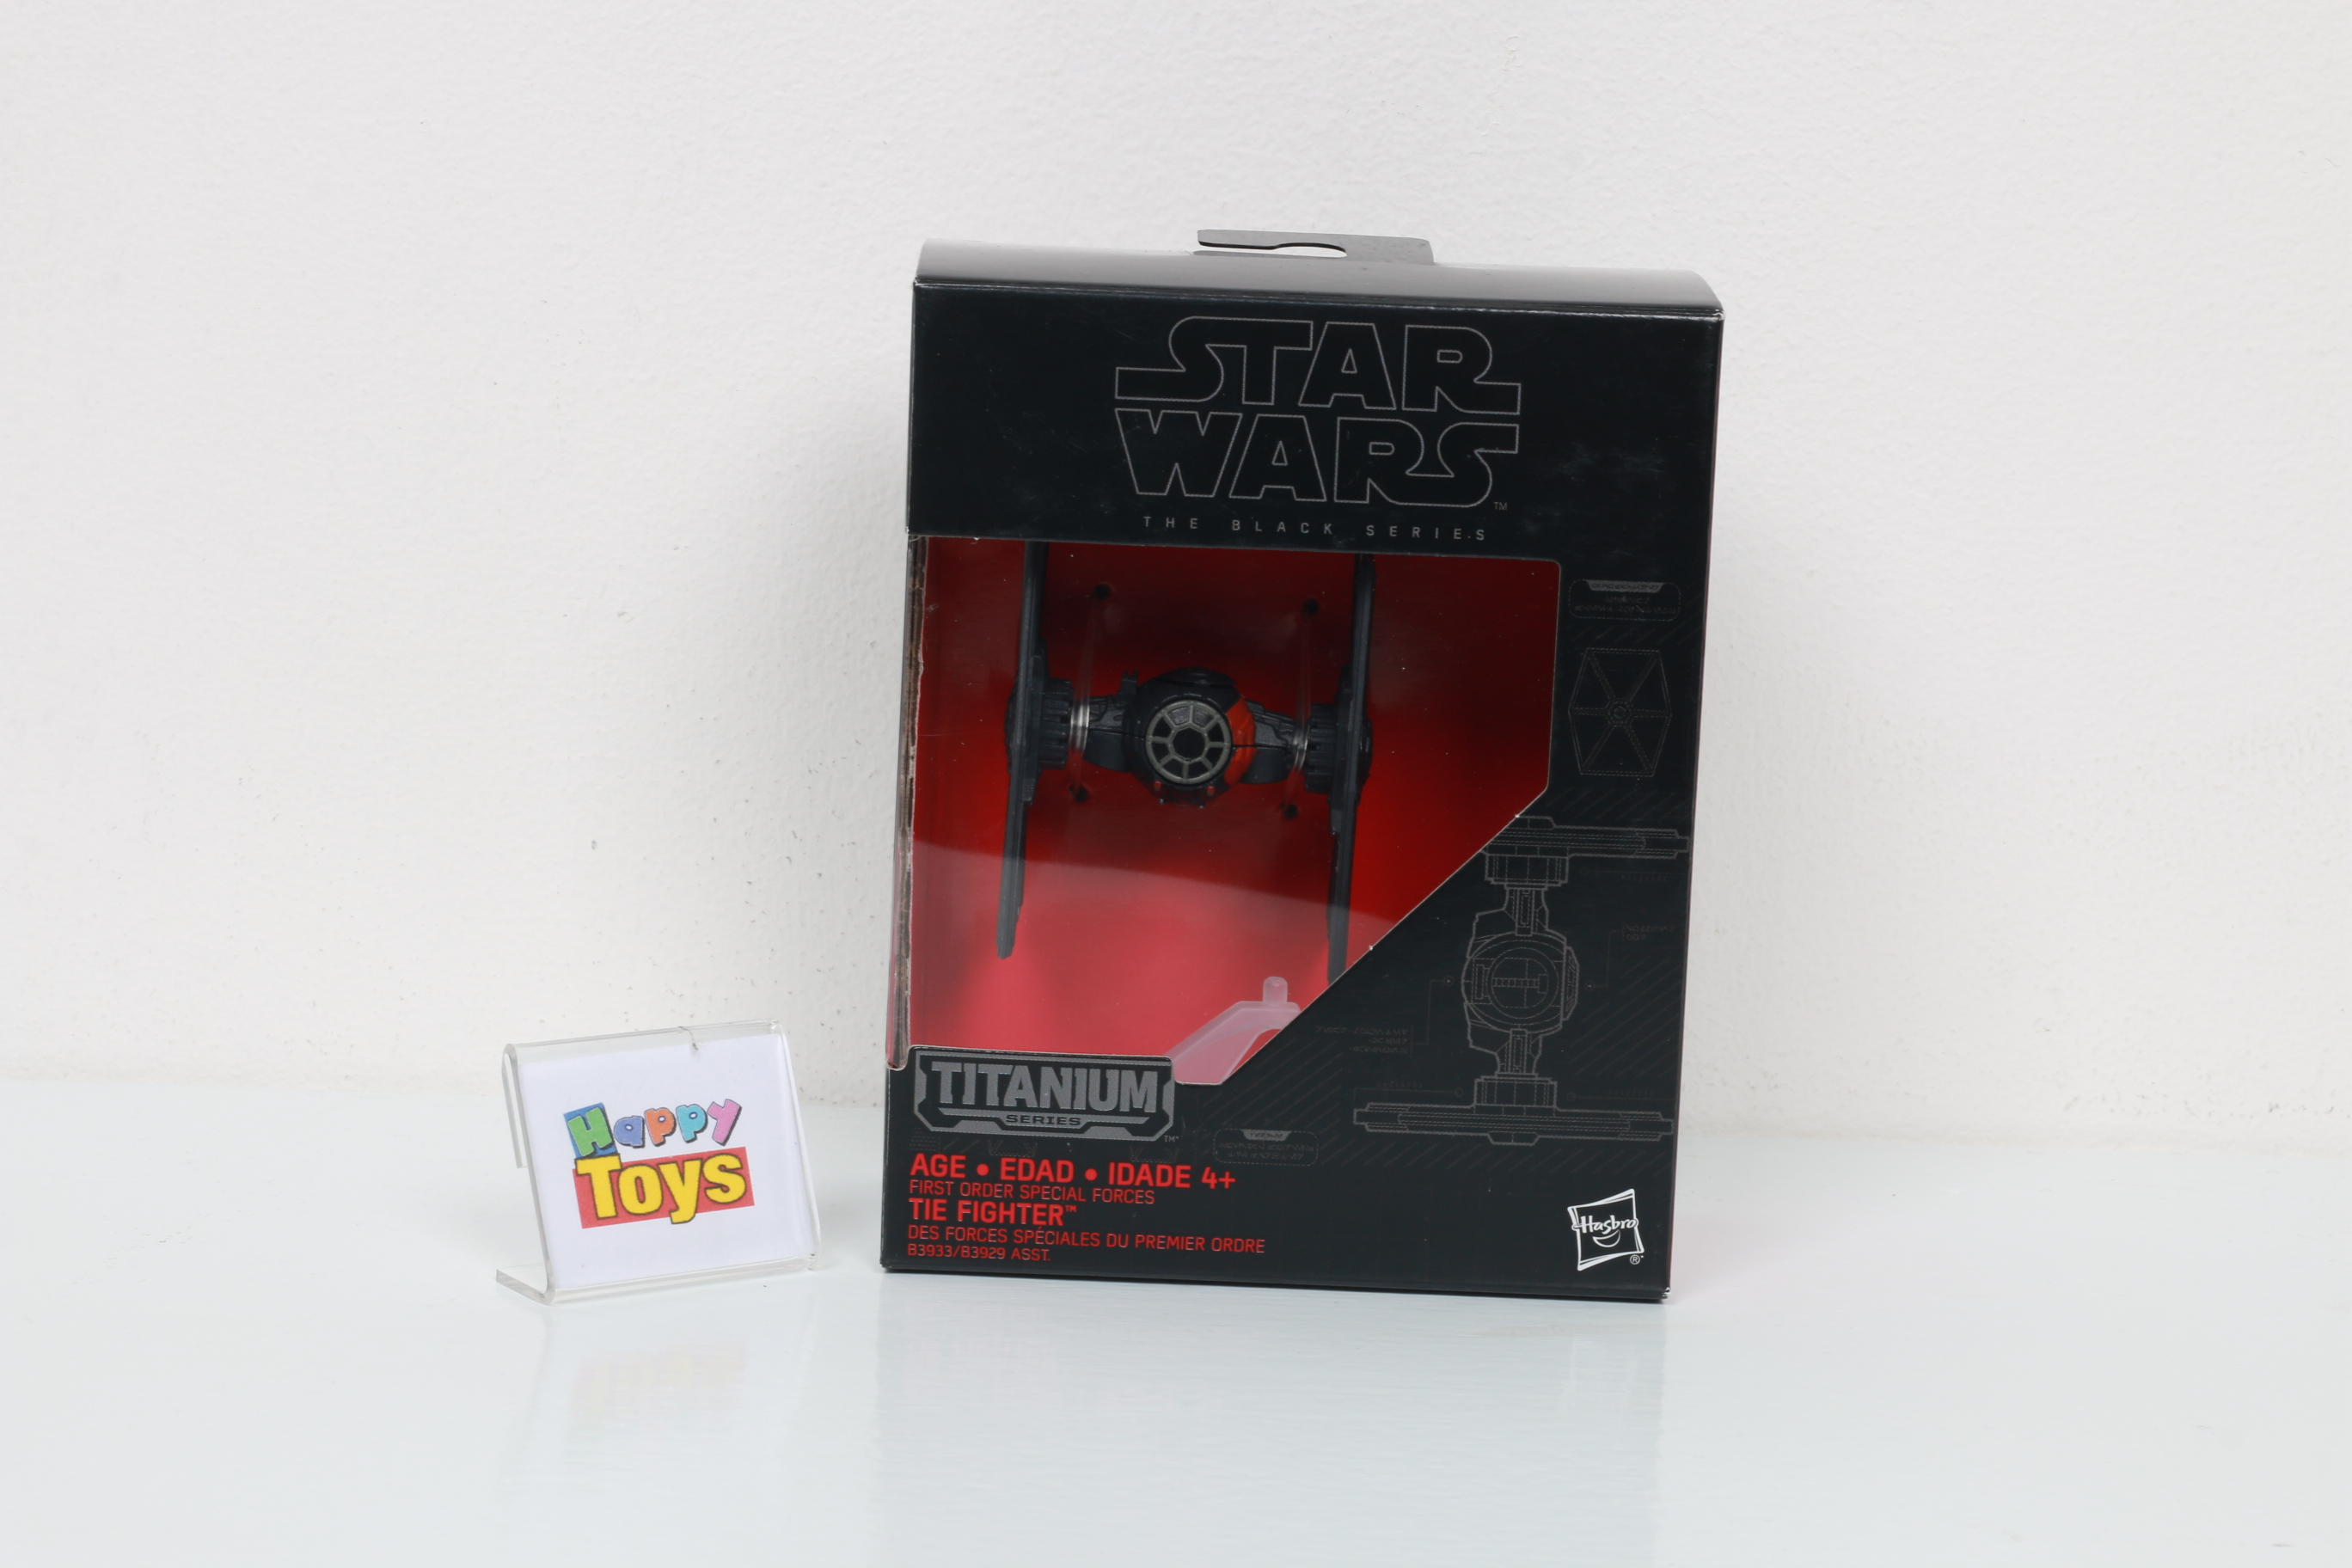 ยานอวกาศสตาร์วอร์ส star wars ยานรบสตาร์วอร์ส star wars The black series ยานพาหนะ star wars